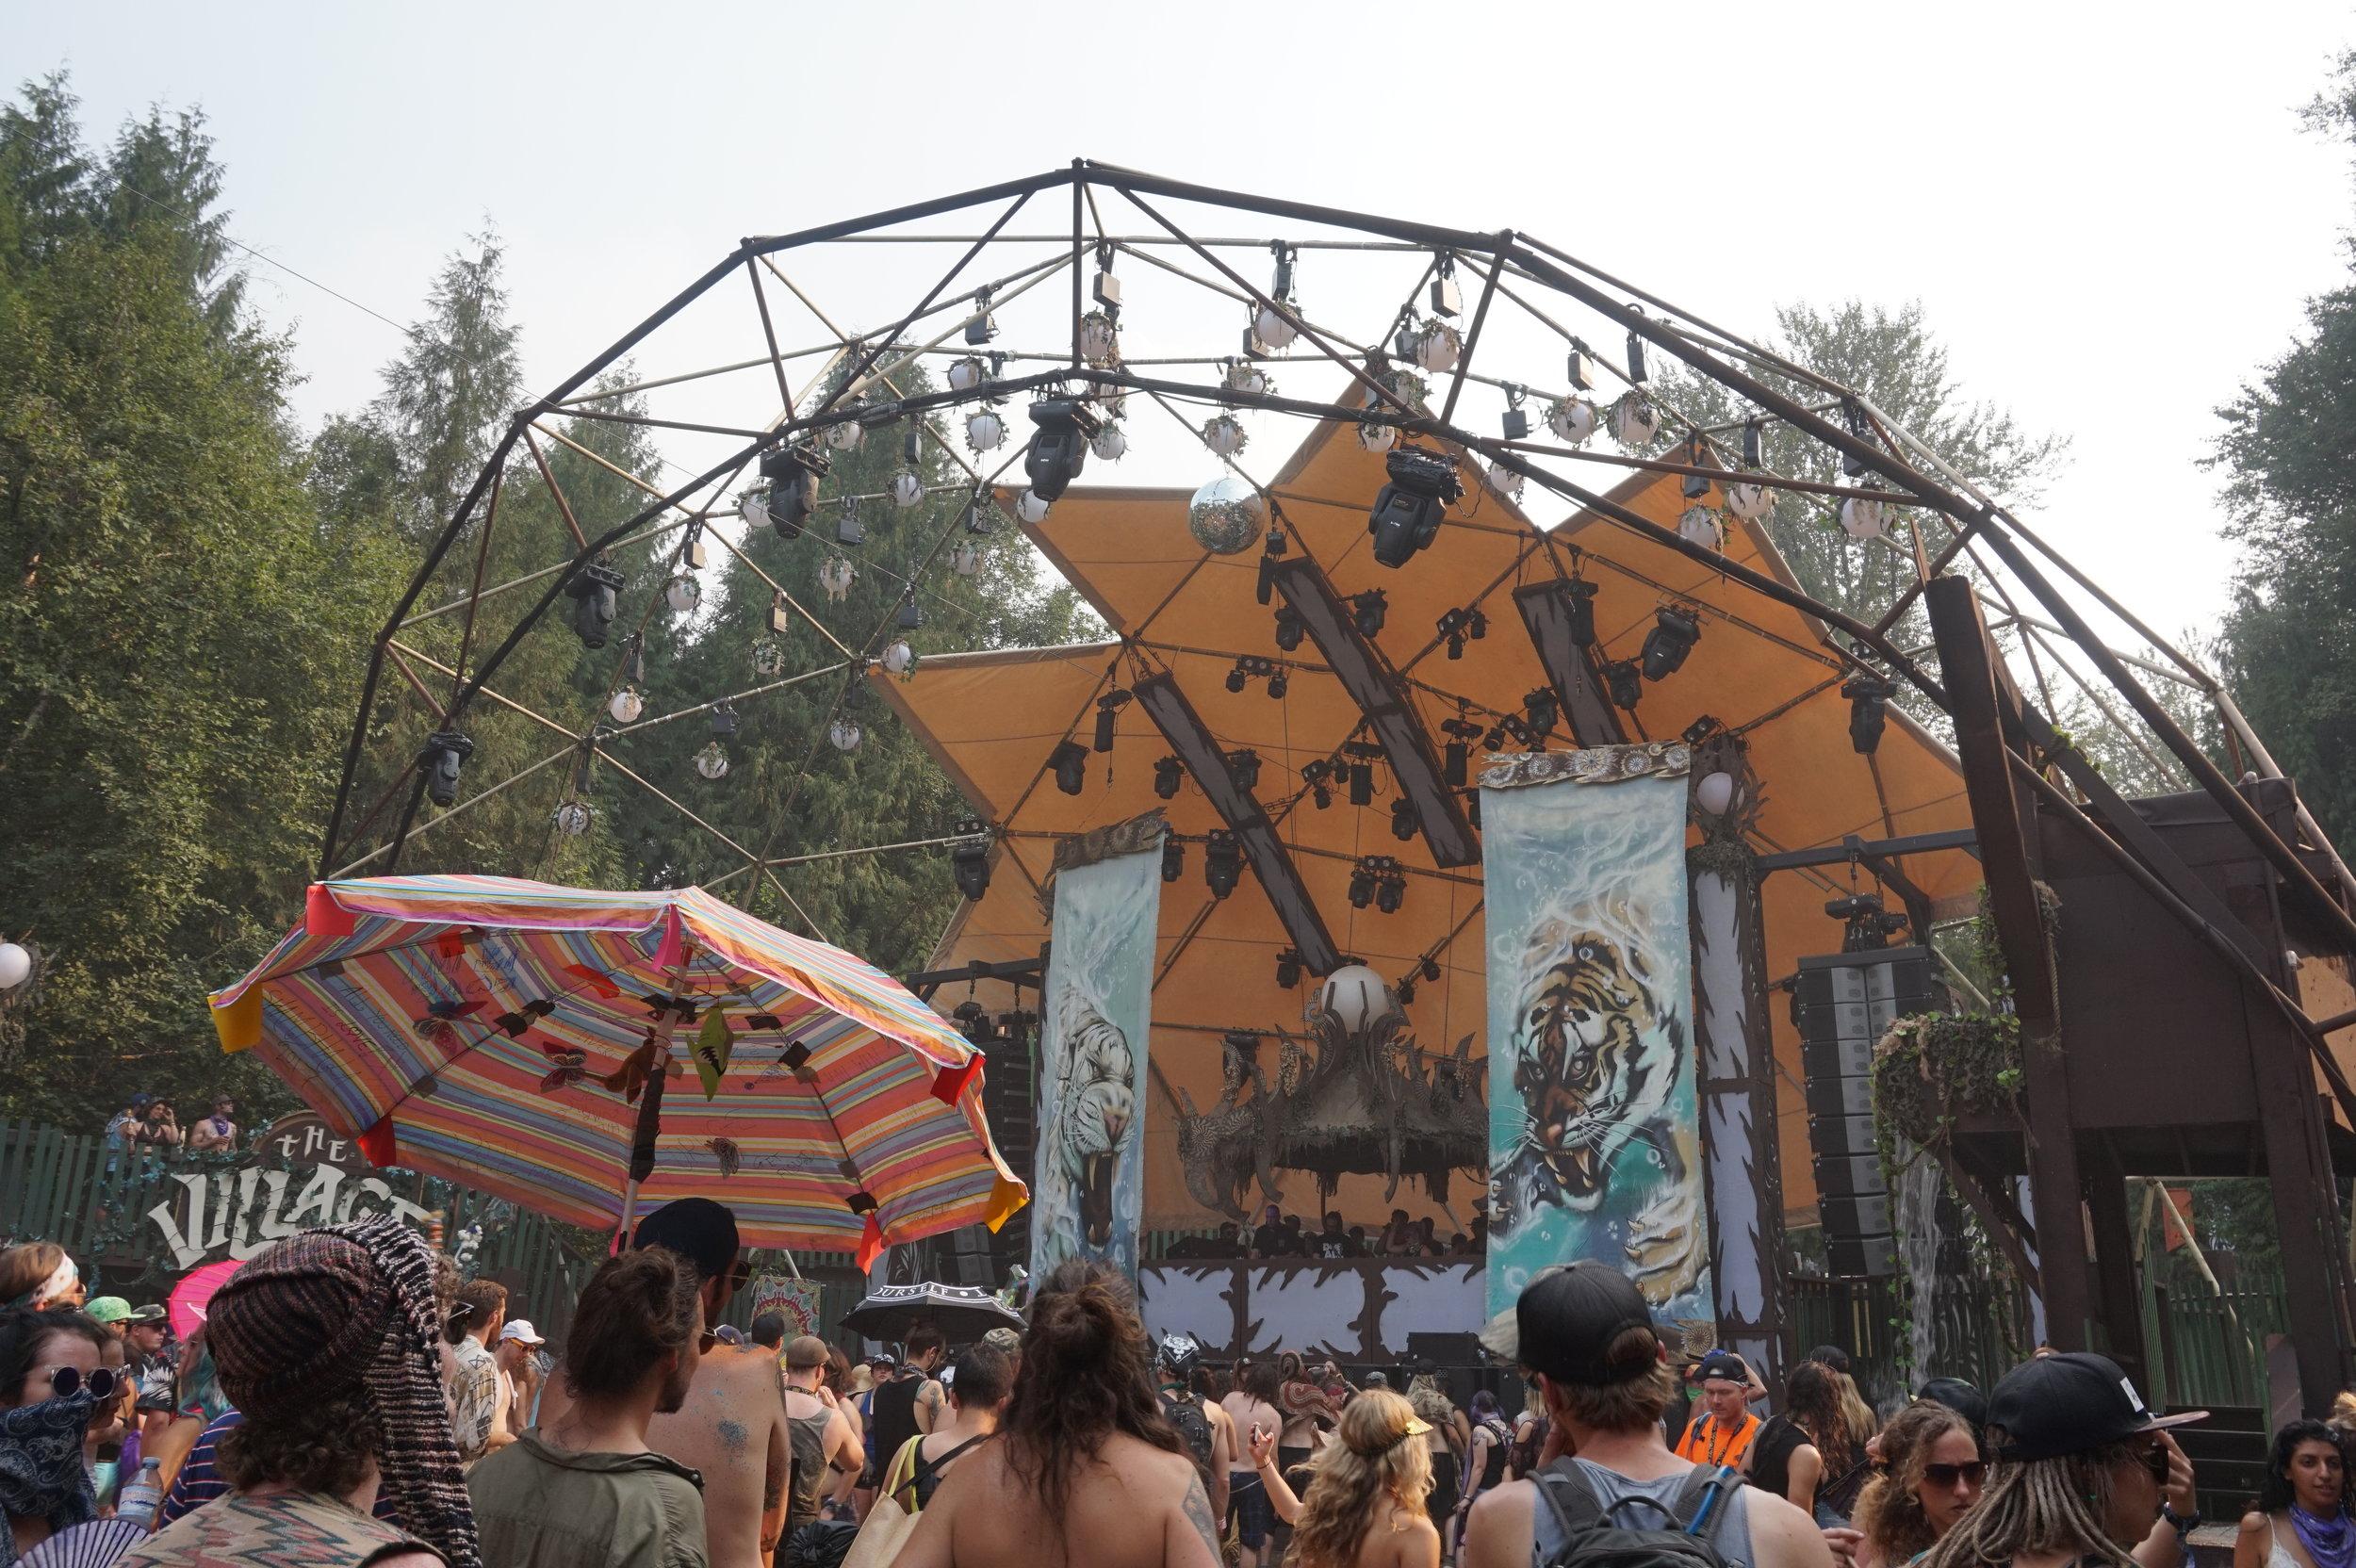 The Village Stage Shambhala